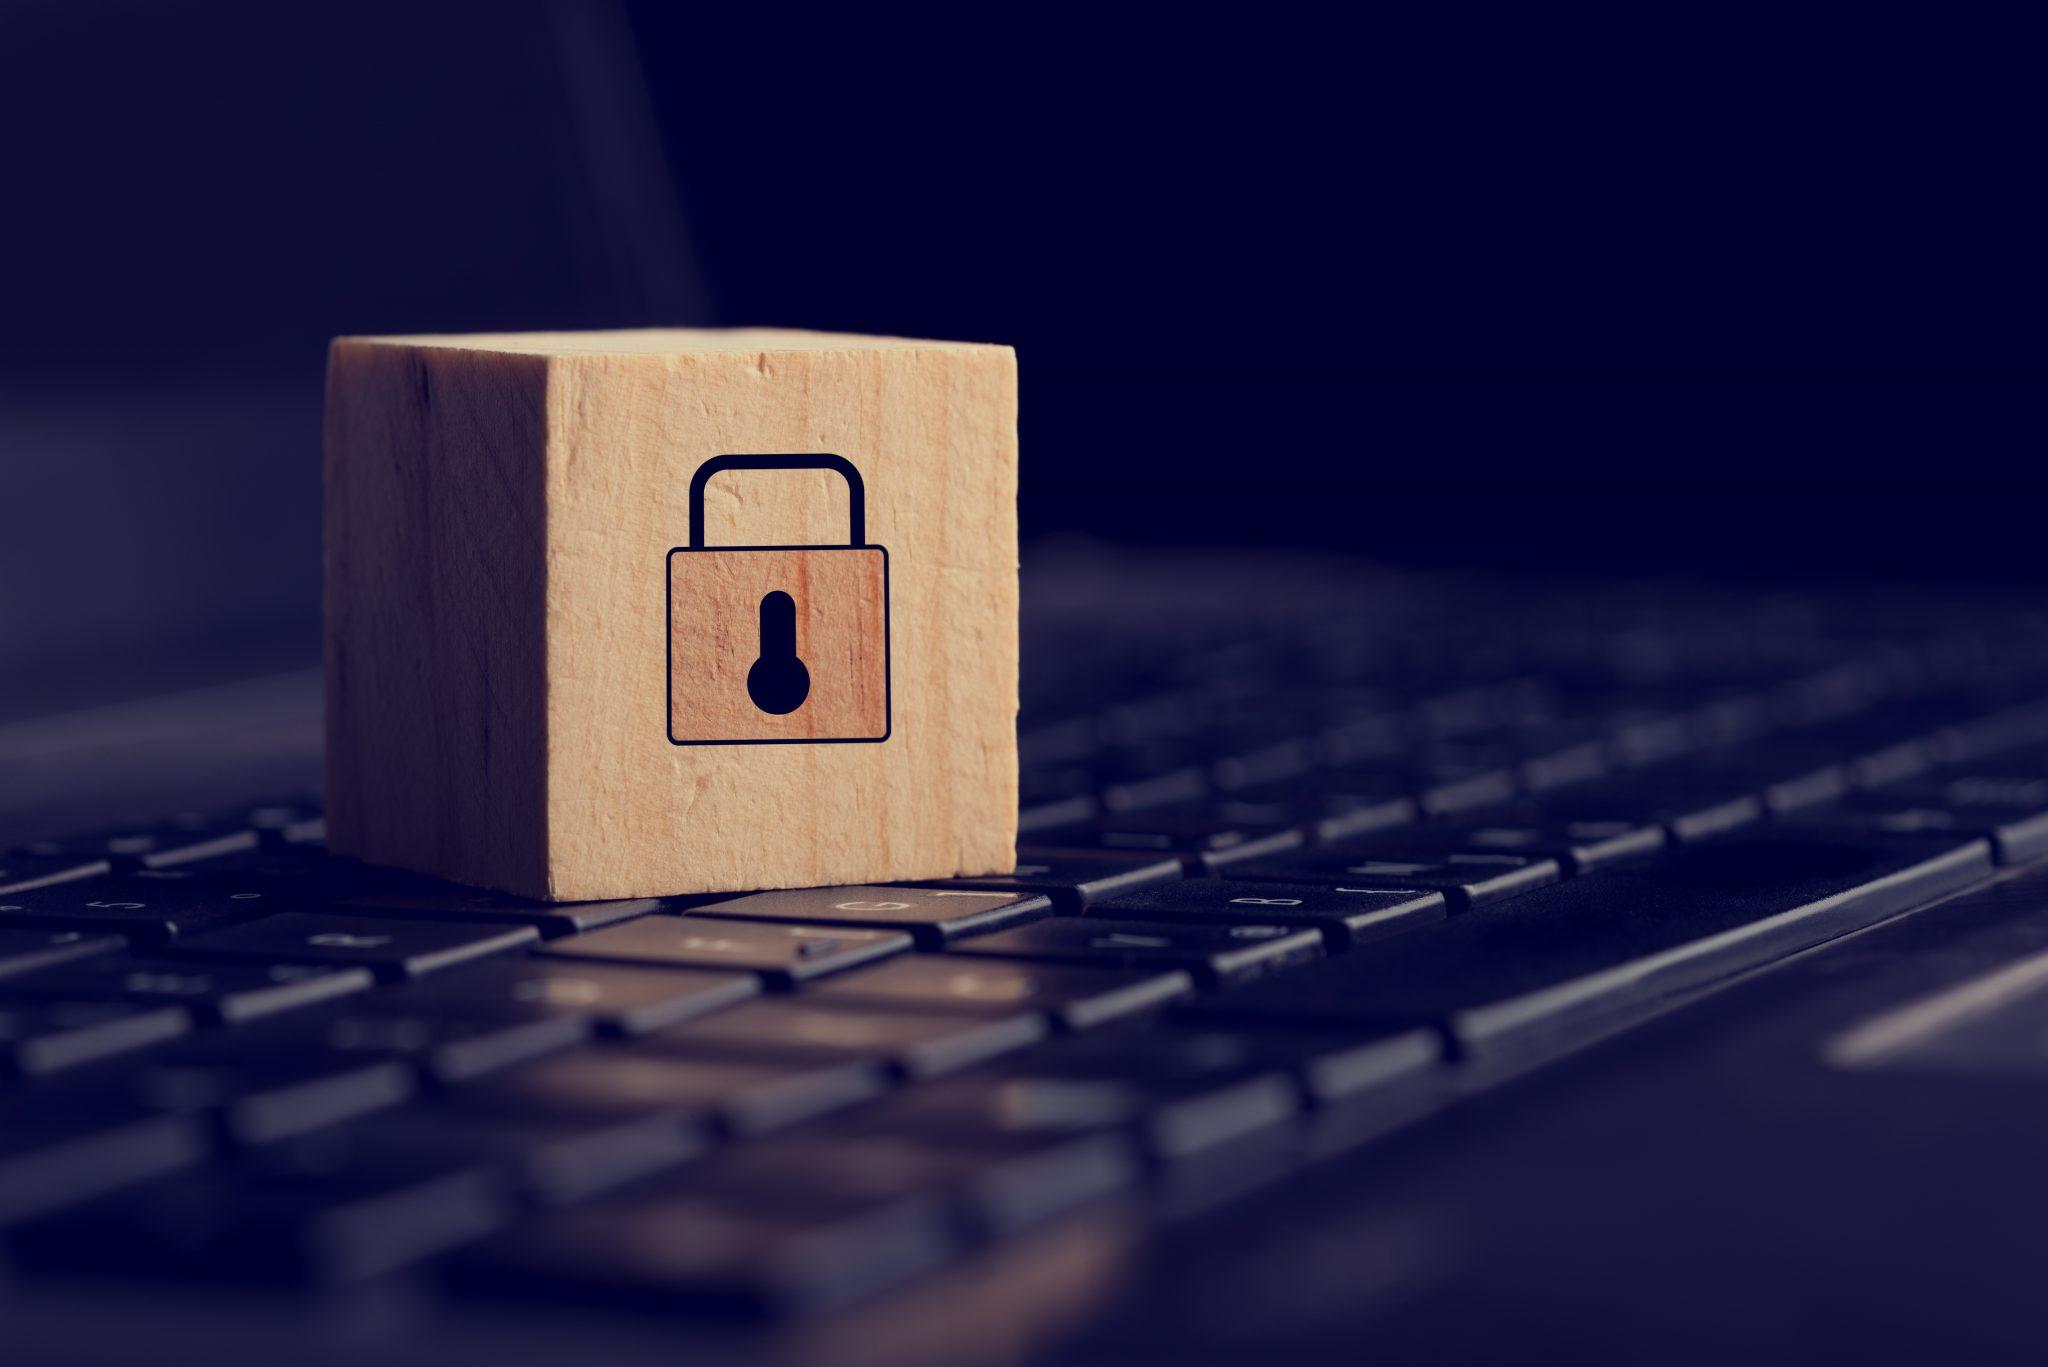 EU-Datenschutz-Grundverordnung: Vorteile für Startups